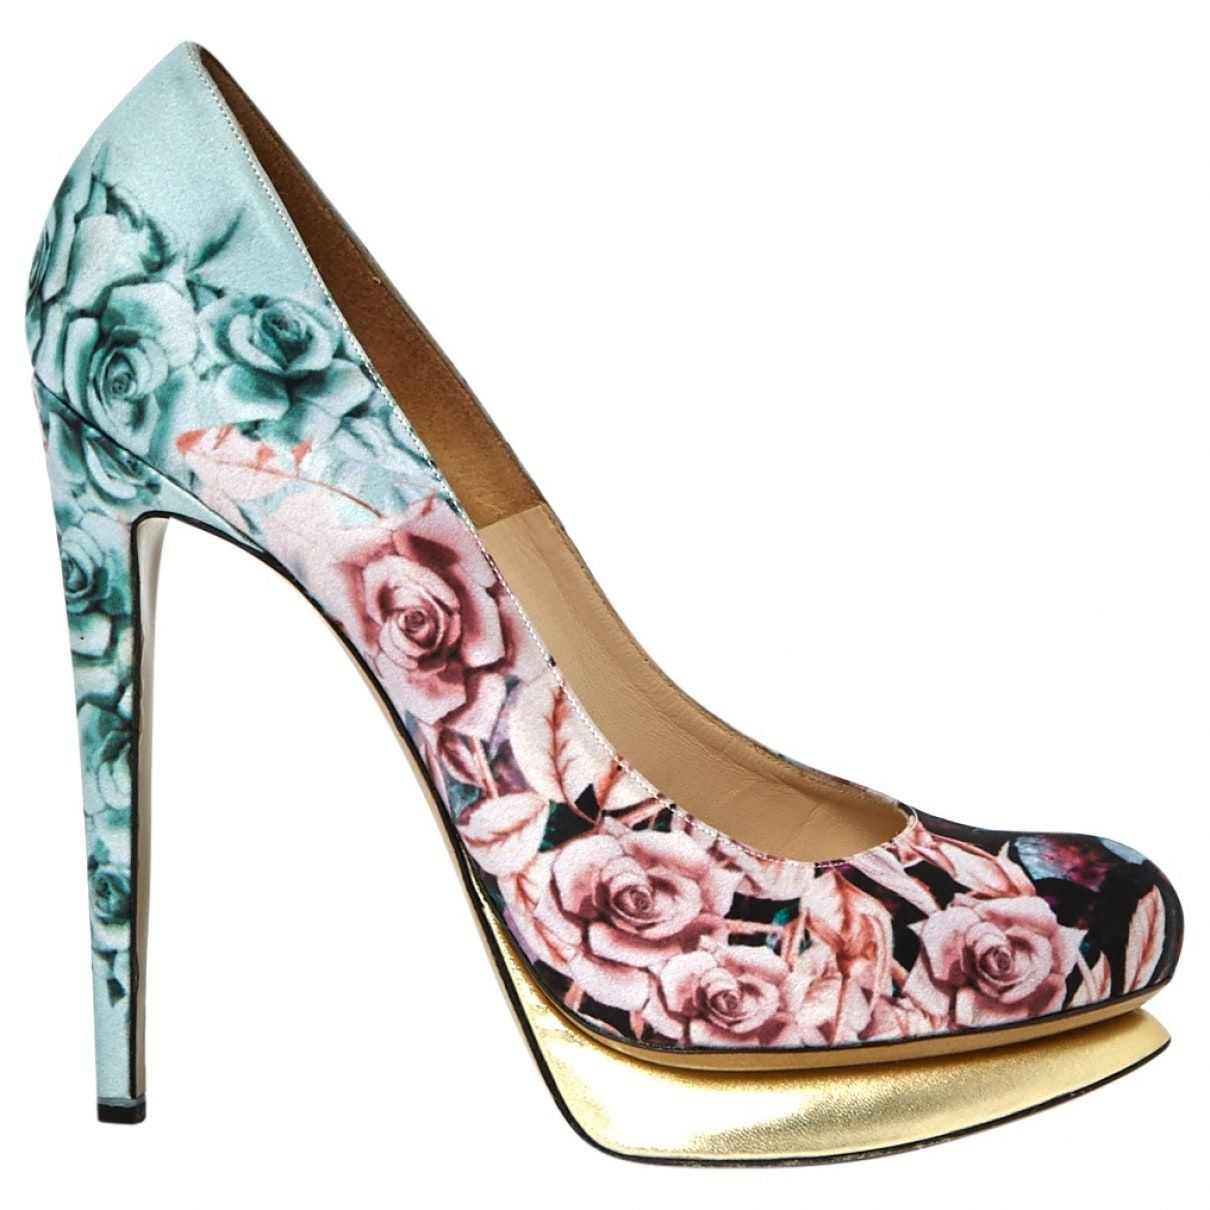 Heels Nicholas Kirkwood Multicolore taille 40 EU en Cuir – 2212152 – Products